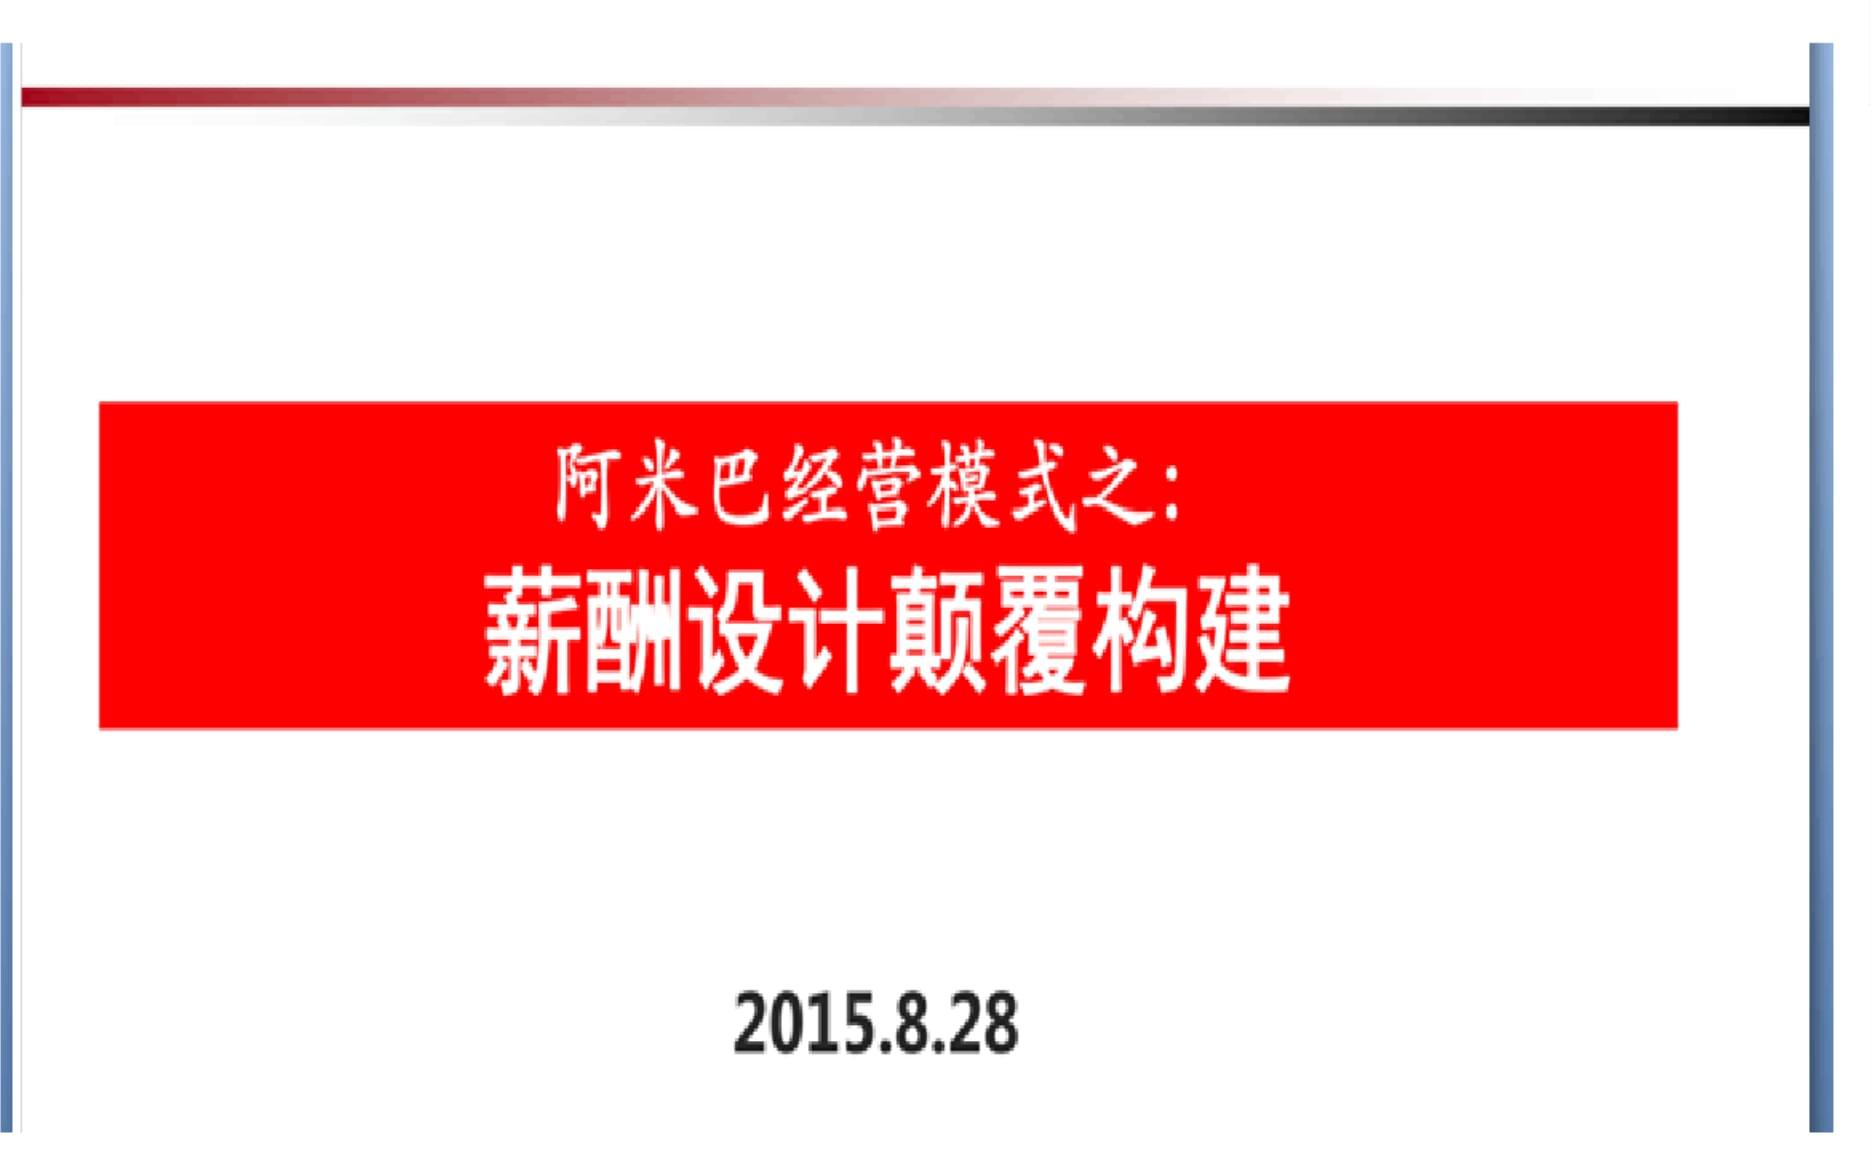 阿米巴模式薪酬设计_企业管理_经管营销_专业资料.ppt